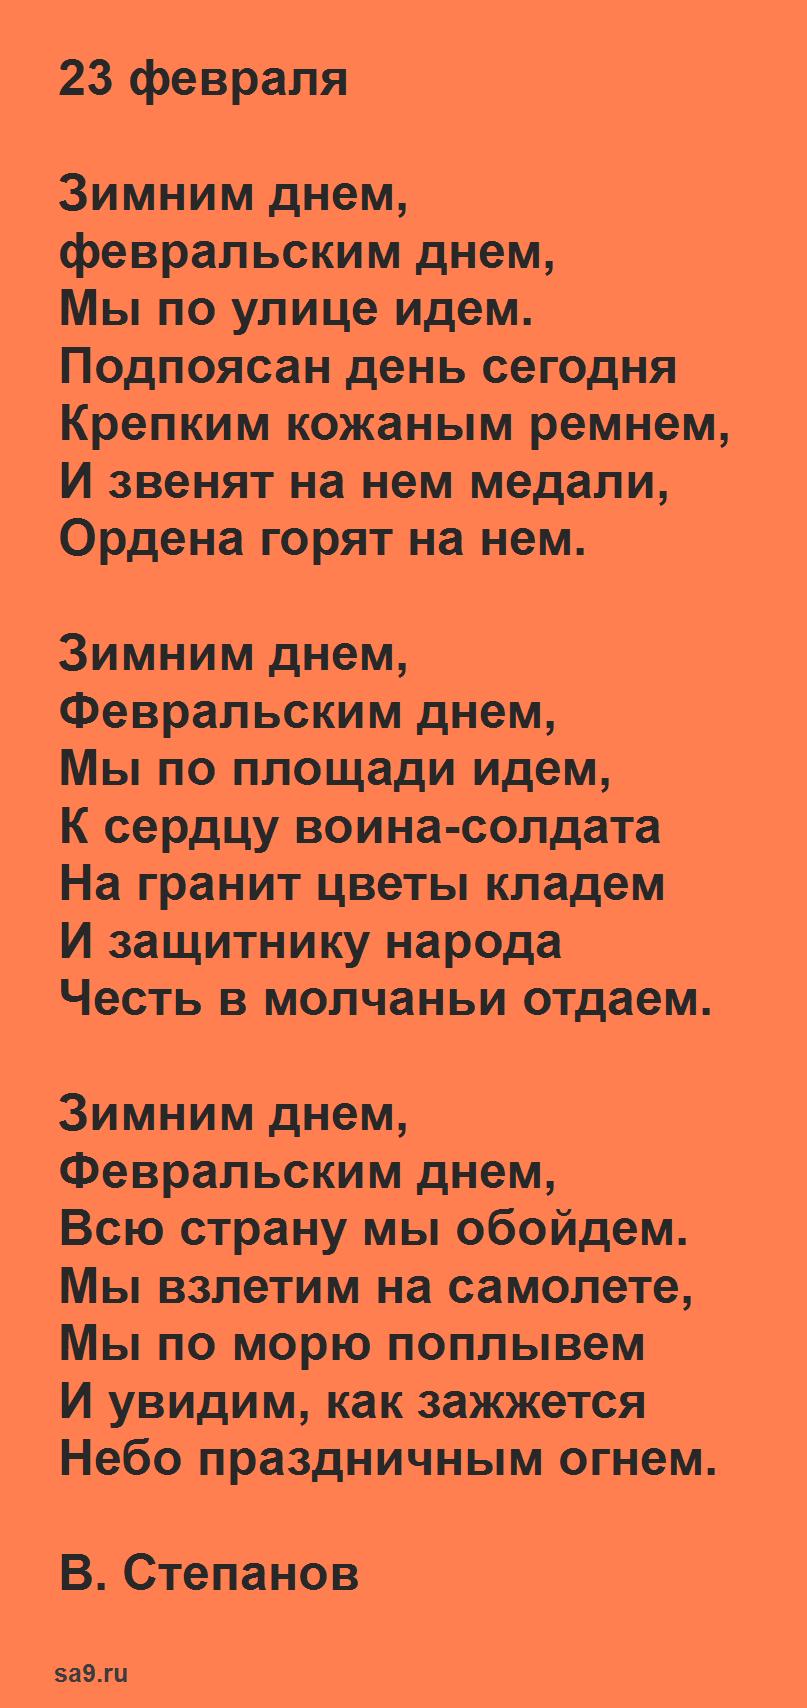 Детские стихи на 23 февраля для детей 7 лет